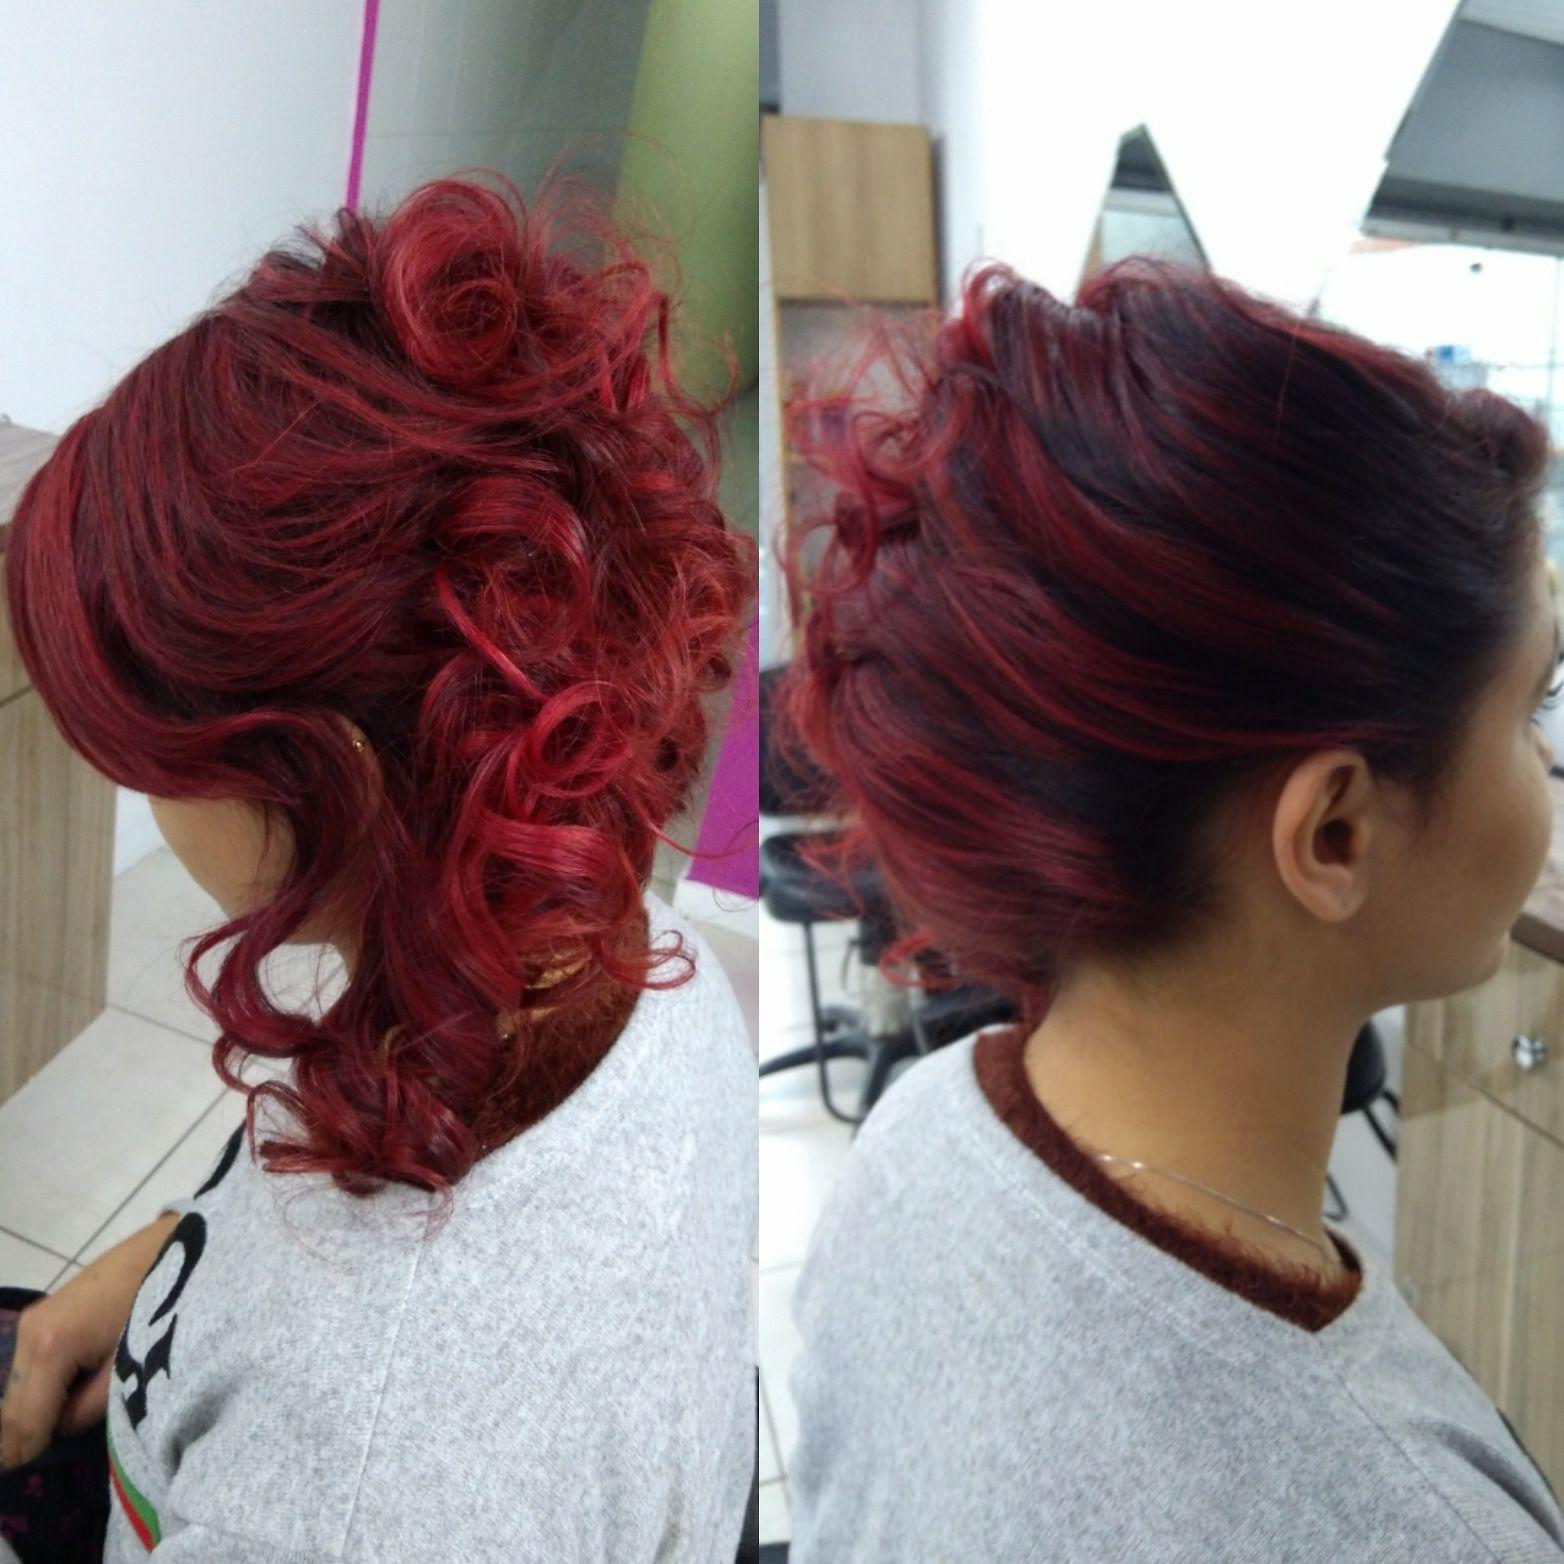 Penteado. Mechas esfumadas feitas por mim. cabelo cabeleireiro(a) maquiador(a) escovista designer de sobrancelhas depilador(a)